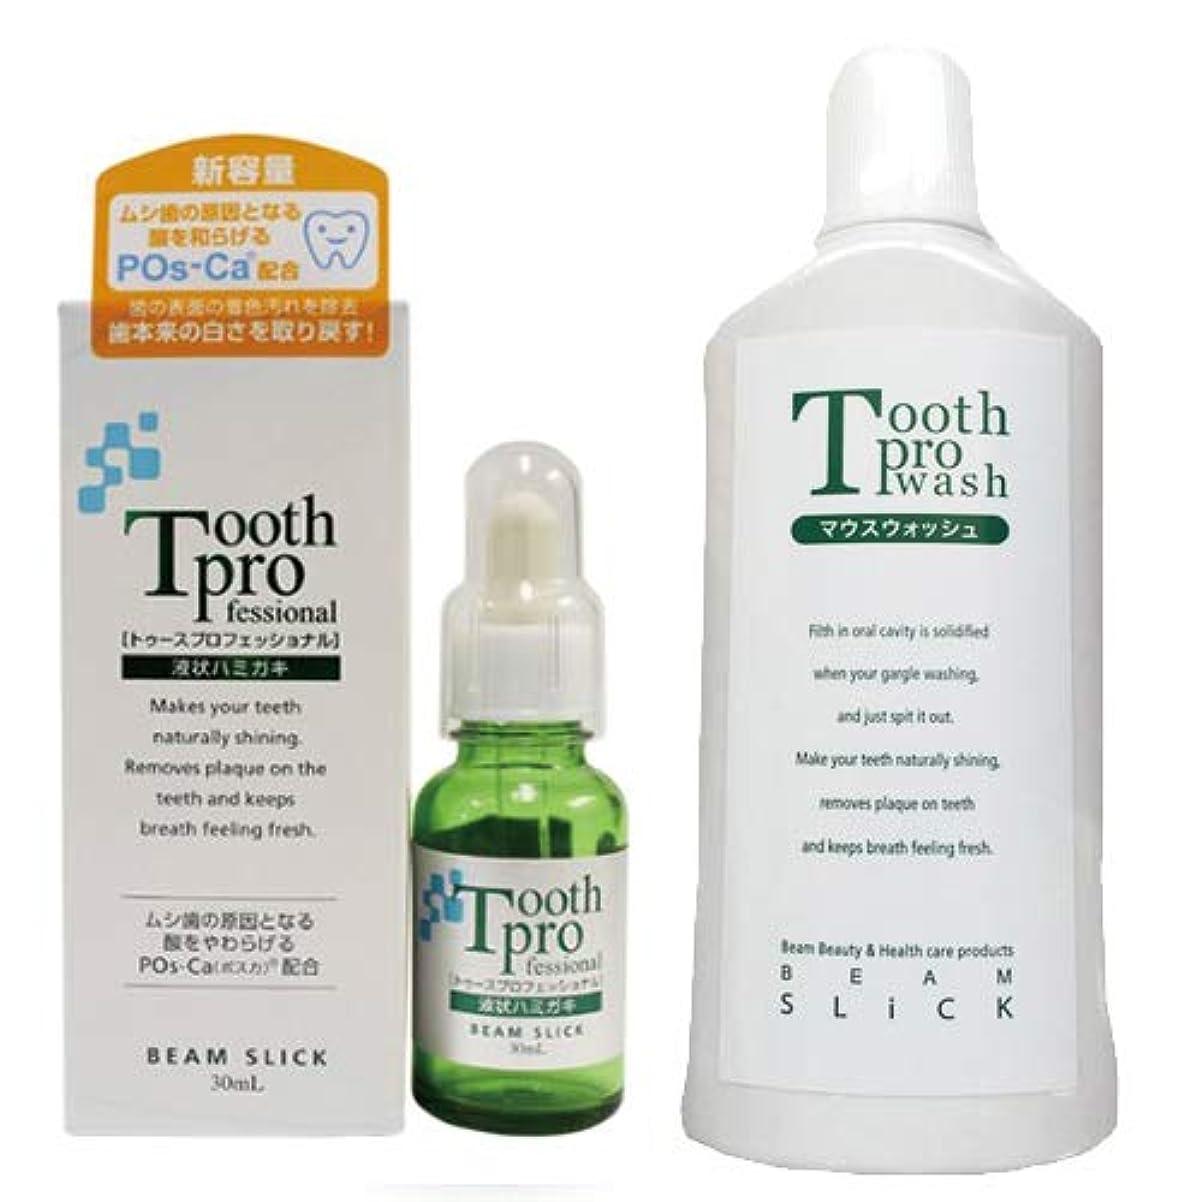 運搬哀豆腐トゥースプロウォッシュ(Tooth Pro wash)500mL + トゥースプロフェッショナル(tooth professional) 30mL セット